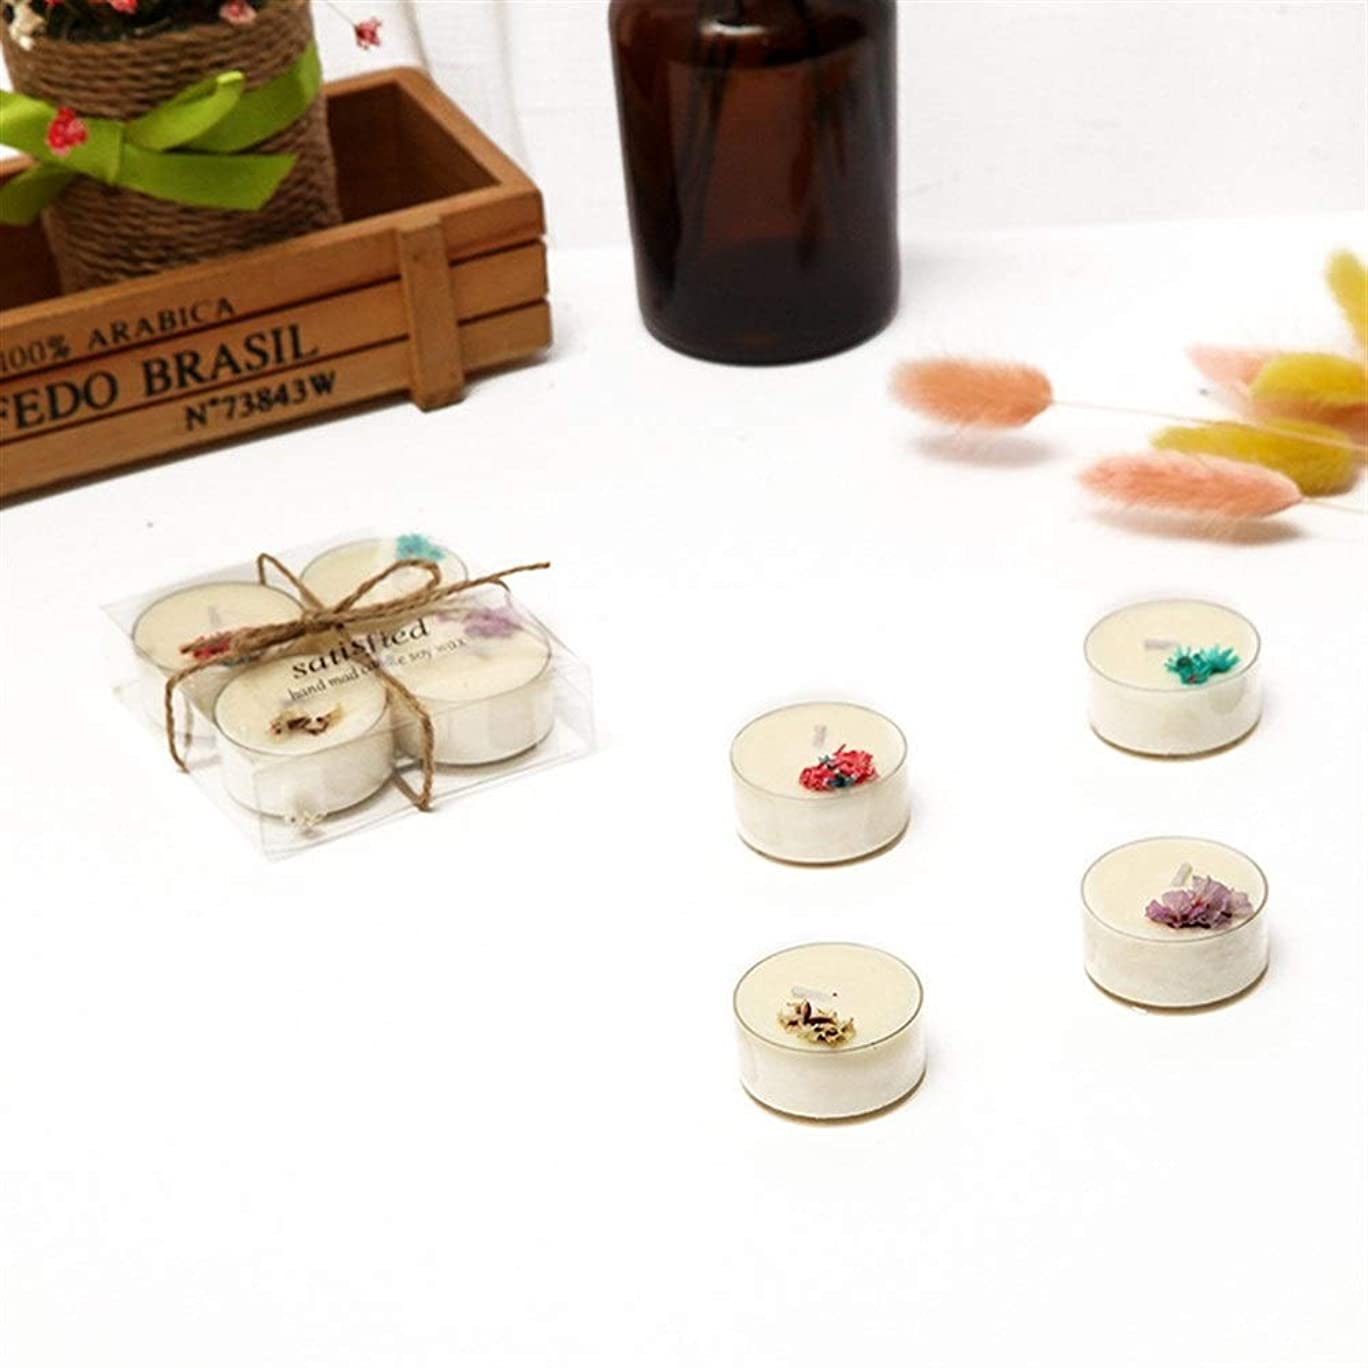 不良品ヒロイン申込みGuomao 4つの花小さな茶ワックスガラスボトルアロマセラピーガラスカップ非毒性環境保護 (色 : Lavender)